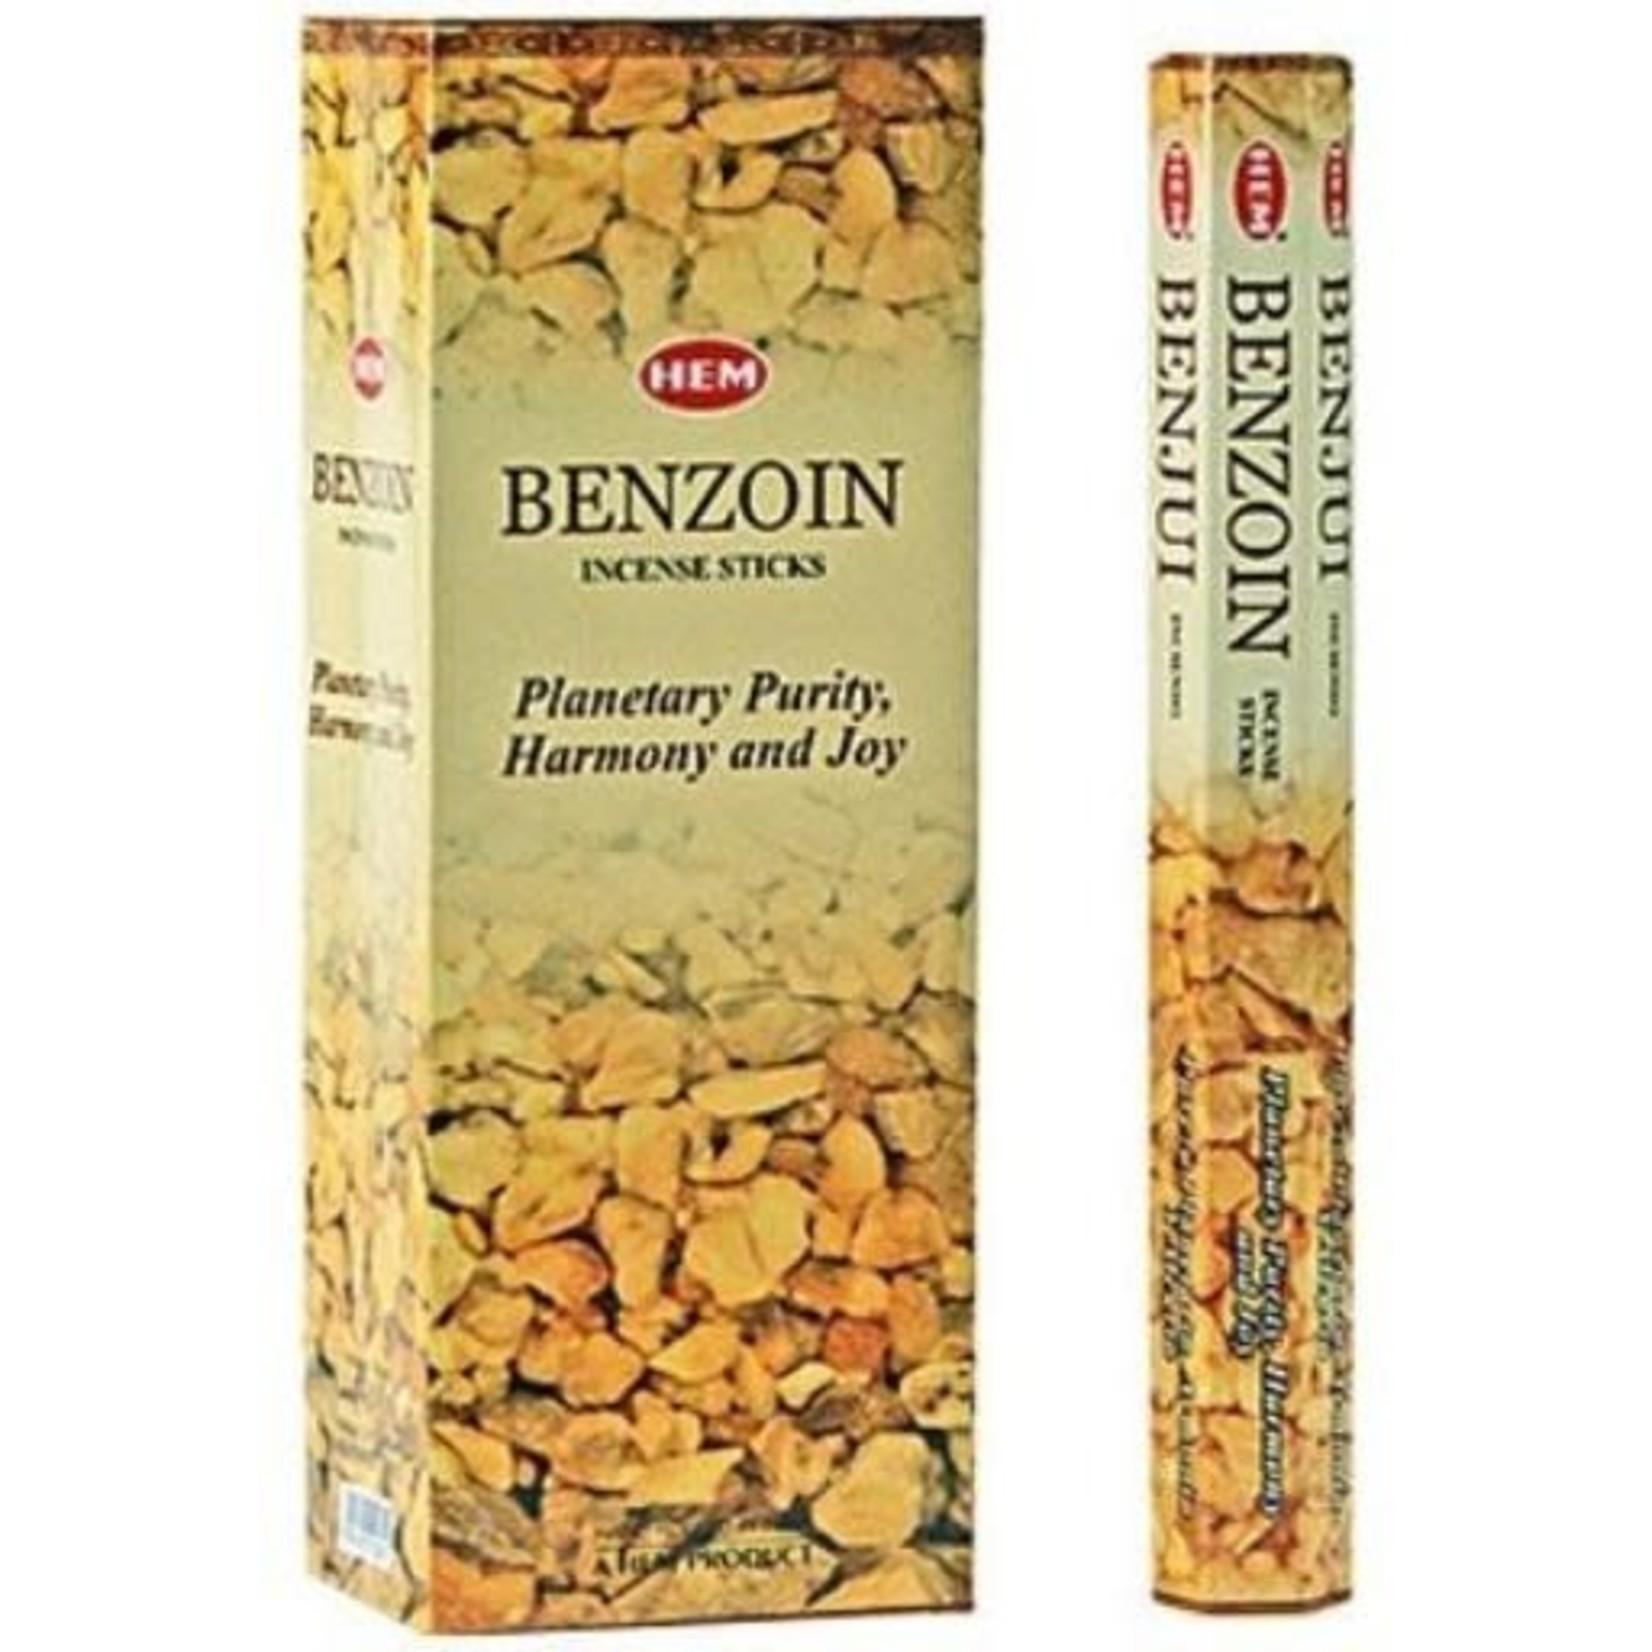 HEM Benzoin Incense - Hem